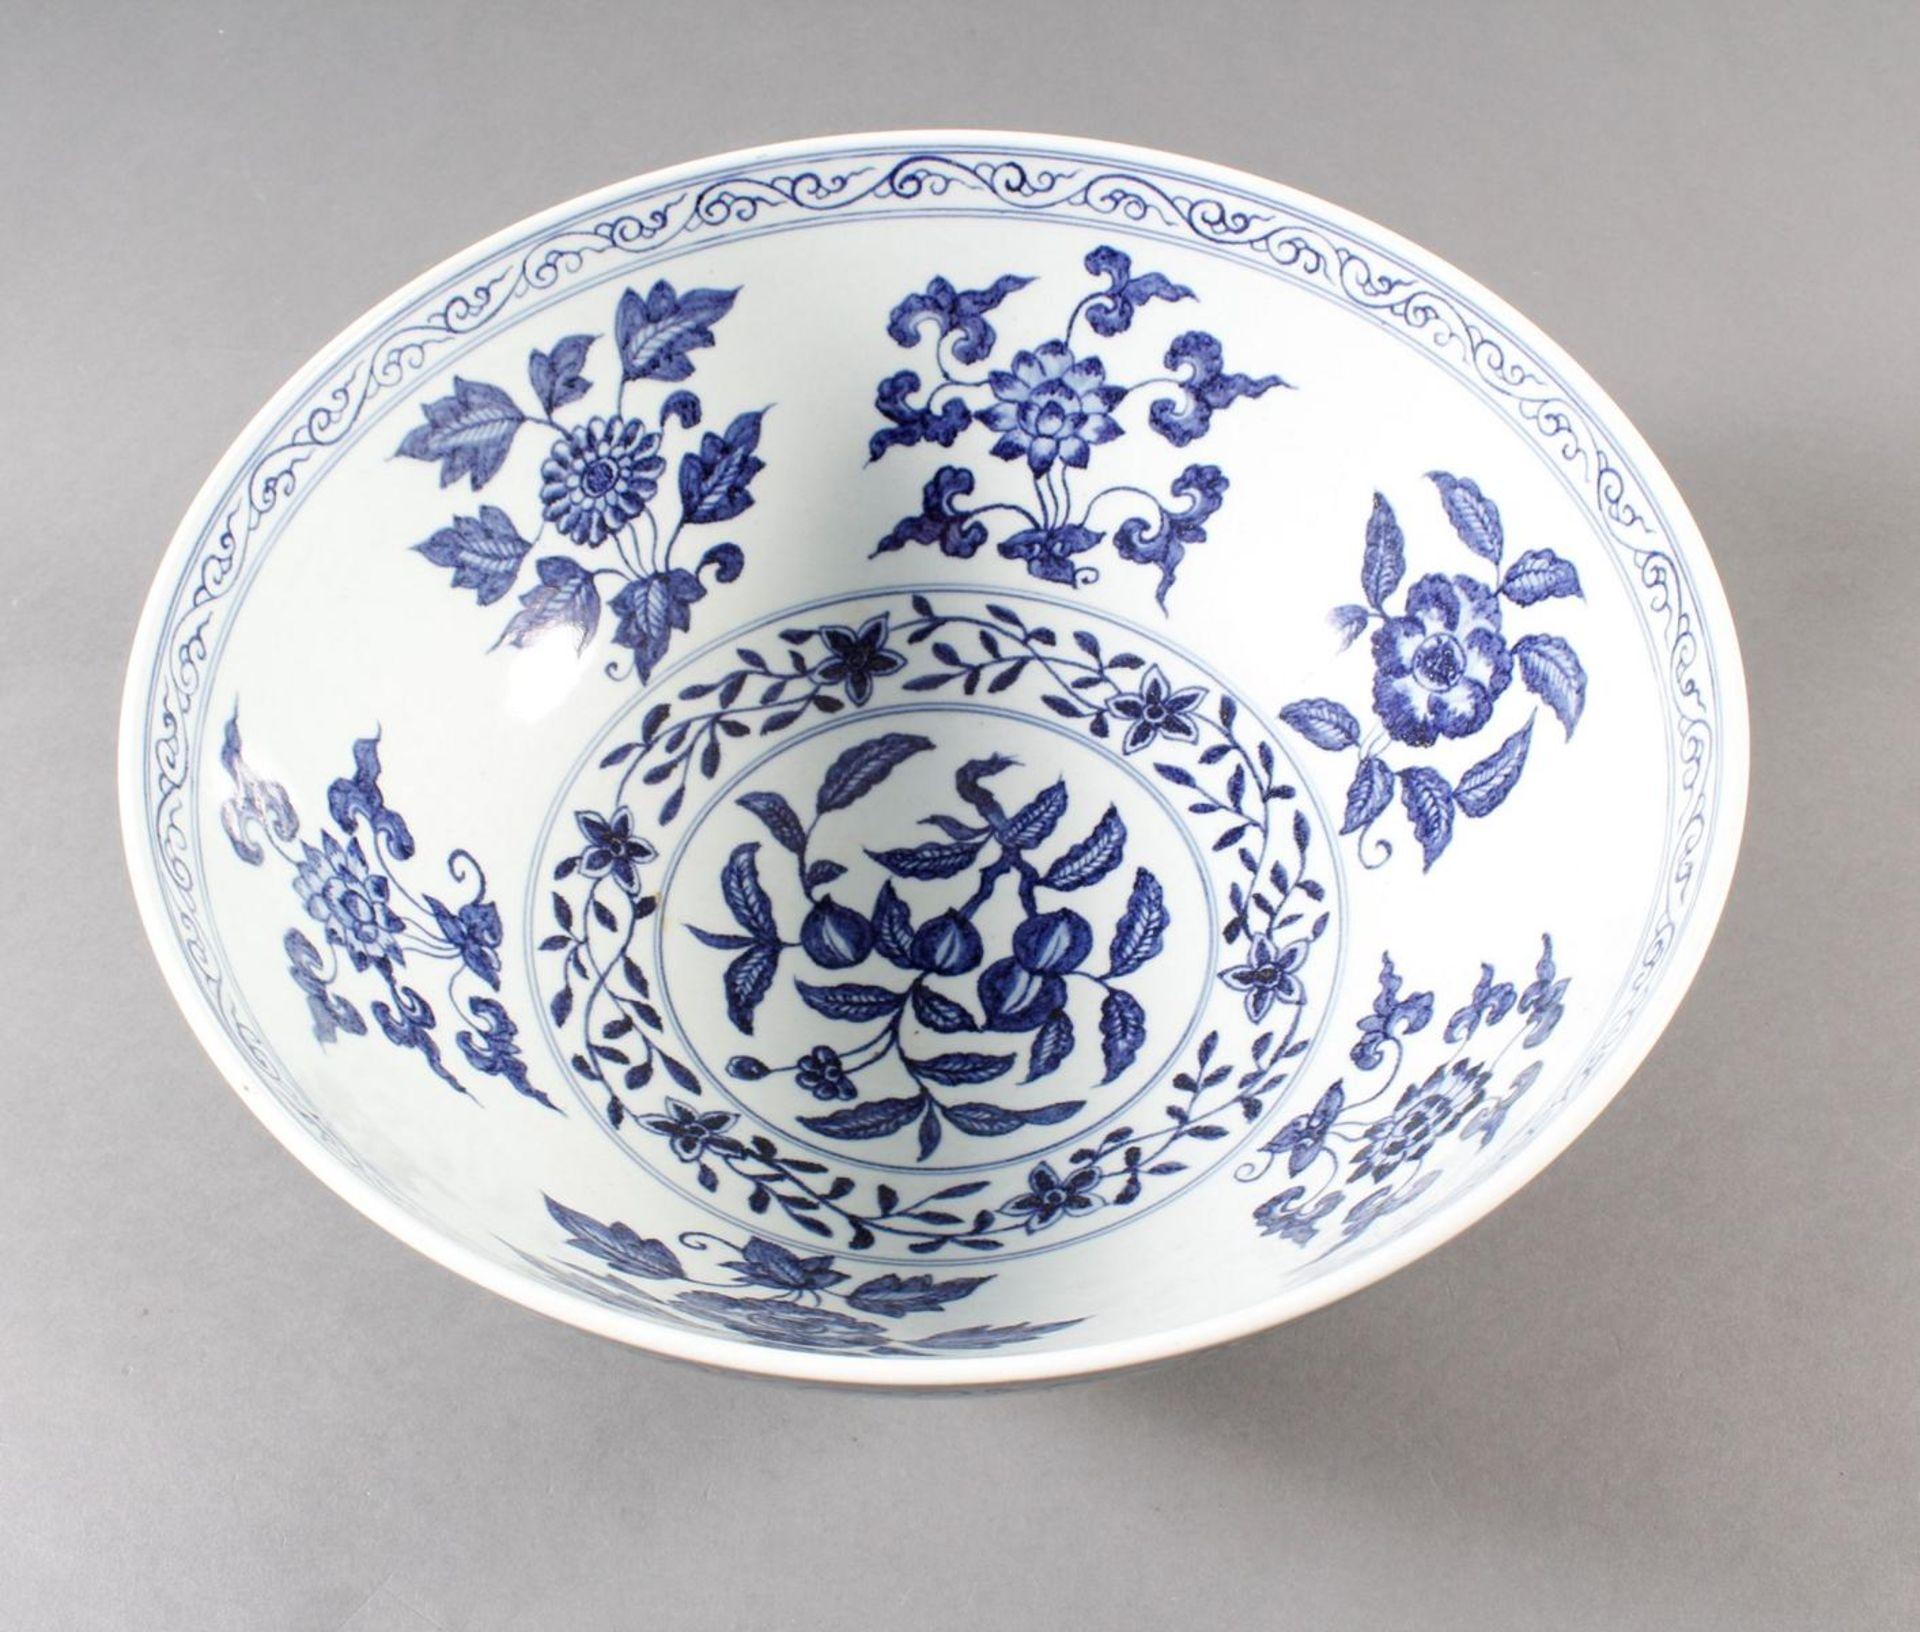 Große Porzellanschüssel, China, Hsüan-tê Marke - Bild 7 aus 17